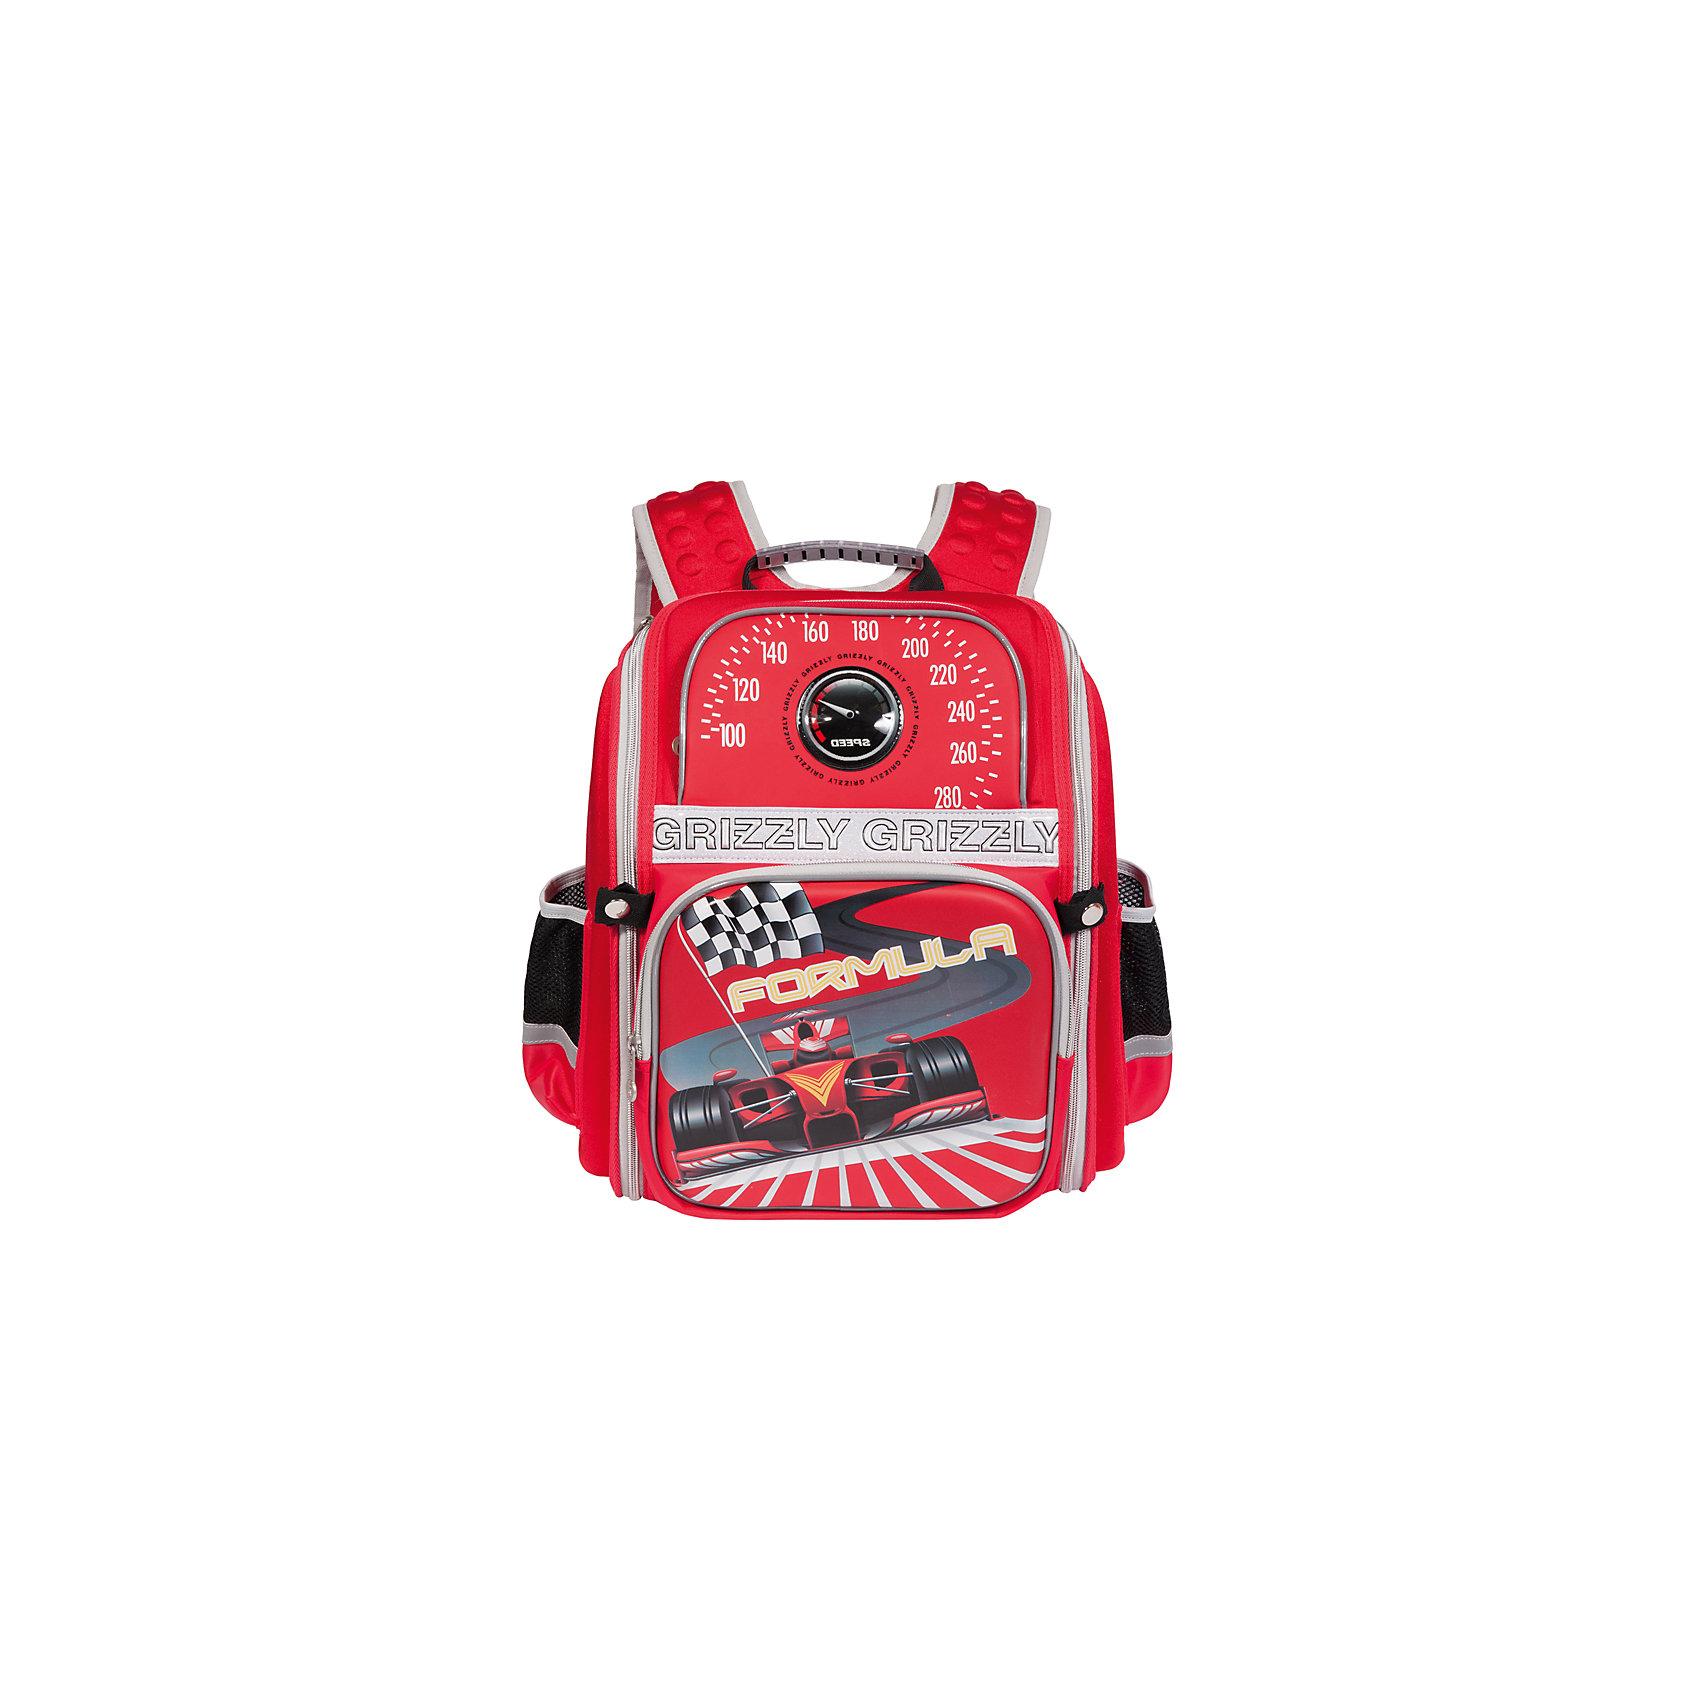 Школьный рюкзак, красныйШкольный рюкзак, красный, Grizzly (Гризли) ? рюкзак отечественного бренда Гризли школьной серии.  Рюкзак  выполнен из полиэстера и пластика высокого качества, что обеспечивает, с одной стороны, легкий вес, а с другой ? надежность и прочность. Все швы выполнены капроновыми нитками, что делает швы особенно крепкими и устойчивыми к износу даже в течение нескольких лет. <br>Внутреннее устройство рюкзака состоит из одного вместительного отсека, внутреннего кармана на молнии и внутреннего кармана-пенала для канцелярских принадлежностей. На передней стенке имеются два объемных кармана, застегивающихся на молнию, по бокам – боковые карманы на застежке-молнии. Удобство и эргономичность рюкзака создается за счет жесткой анатомической спинки, укрепленных лямок и мягкой укрепленной ручки. Также имеется дополнительная ручка-петля. С четырех сторон рюкзака имеются светоотражающие элементы и нашивка с мигающими огнями. В комплекте с рюкзаком идет игрушка-брелок. Уникальность рюкзаков Grizzly заключается в том, что анатомическая спинка изготовлена из специальной ткани, которая пропускает воздух, тем самым защищает спину от повышенного потоотделения.<br>Все рюкзаки школьной серии Grizzly (Гризли) имеют оригинальный современный дизайн. Школьный рюкзак, красный, Grizzly (Гризли) выполнен в красном цвете с яркими разноцветными элементами. Передняя стенка украшена яркими рисунками спортивной тематики.<br>Школьный рюкзак, красный, Grizzly (Гризли) ? это качество материалов, удобство, стиль и долговечность использования. <br><br>Дополнительная информация:<br><br>- Вес: 800 г<br>- Габариты (Д*Г*В): 30*16*37 см<br>- Цвет: красный, черный, серый, желтый, серый<br>- Материал: полиэстер, пластик <br>- Сезон: круглый год<br>- Коллекция: школьная <br>- Год коллекции: 2016 <br>- Пол: мужской<br>- Предназначение: для школы<br>- Особенности ухода: можно чистить влажной щеткой или губкой, допускается ручная стирка<br><br>Подробнее:<br><br>• Для школьников в возрасте: от 6 лет